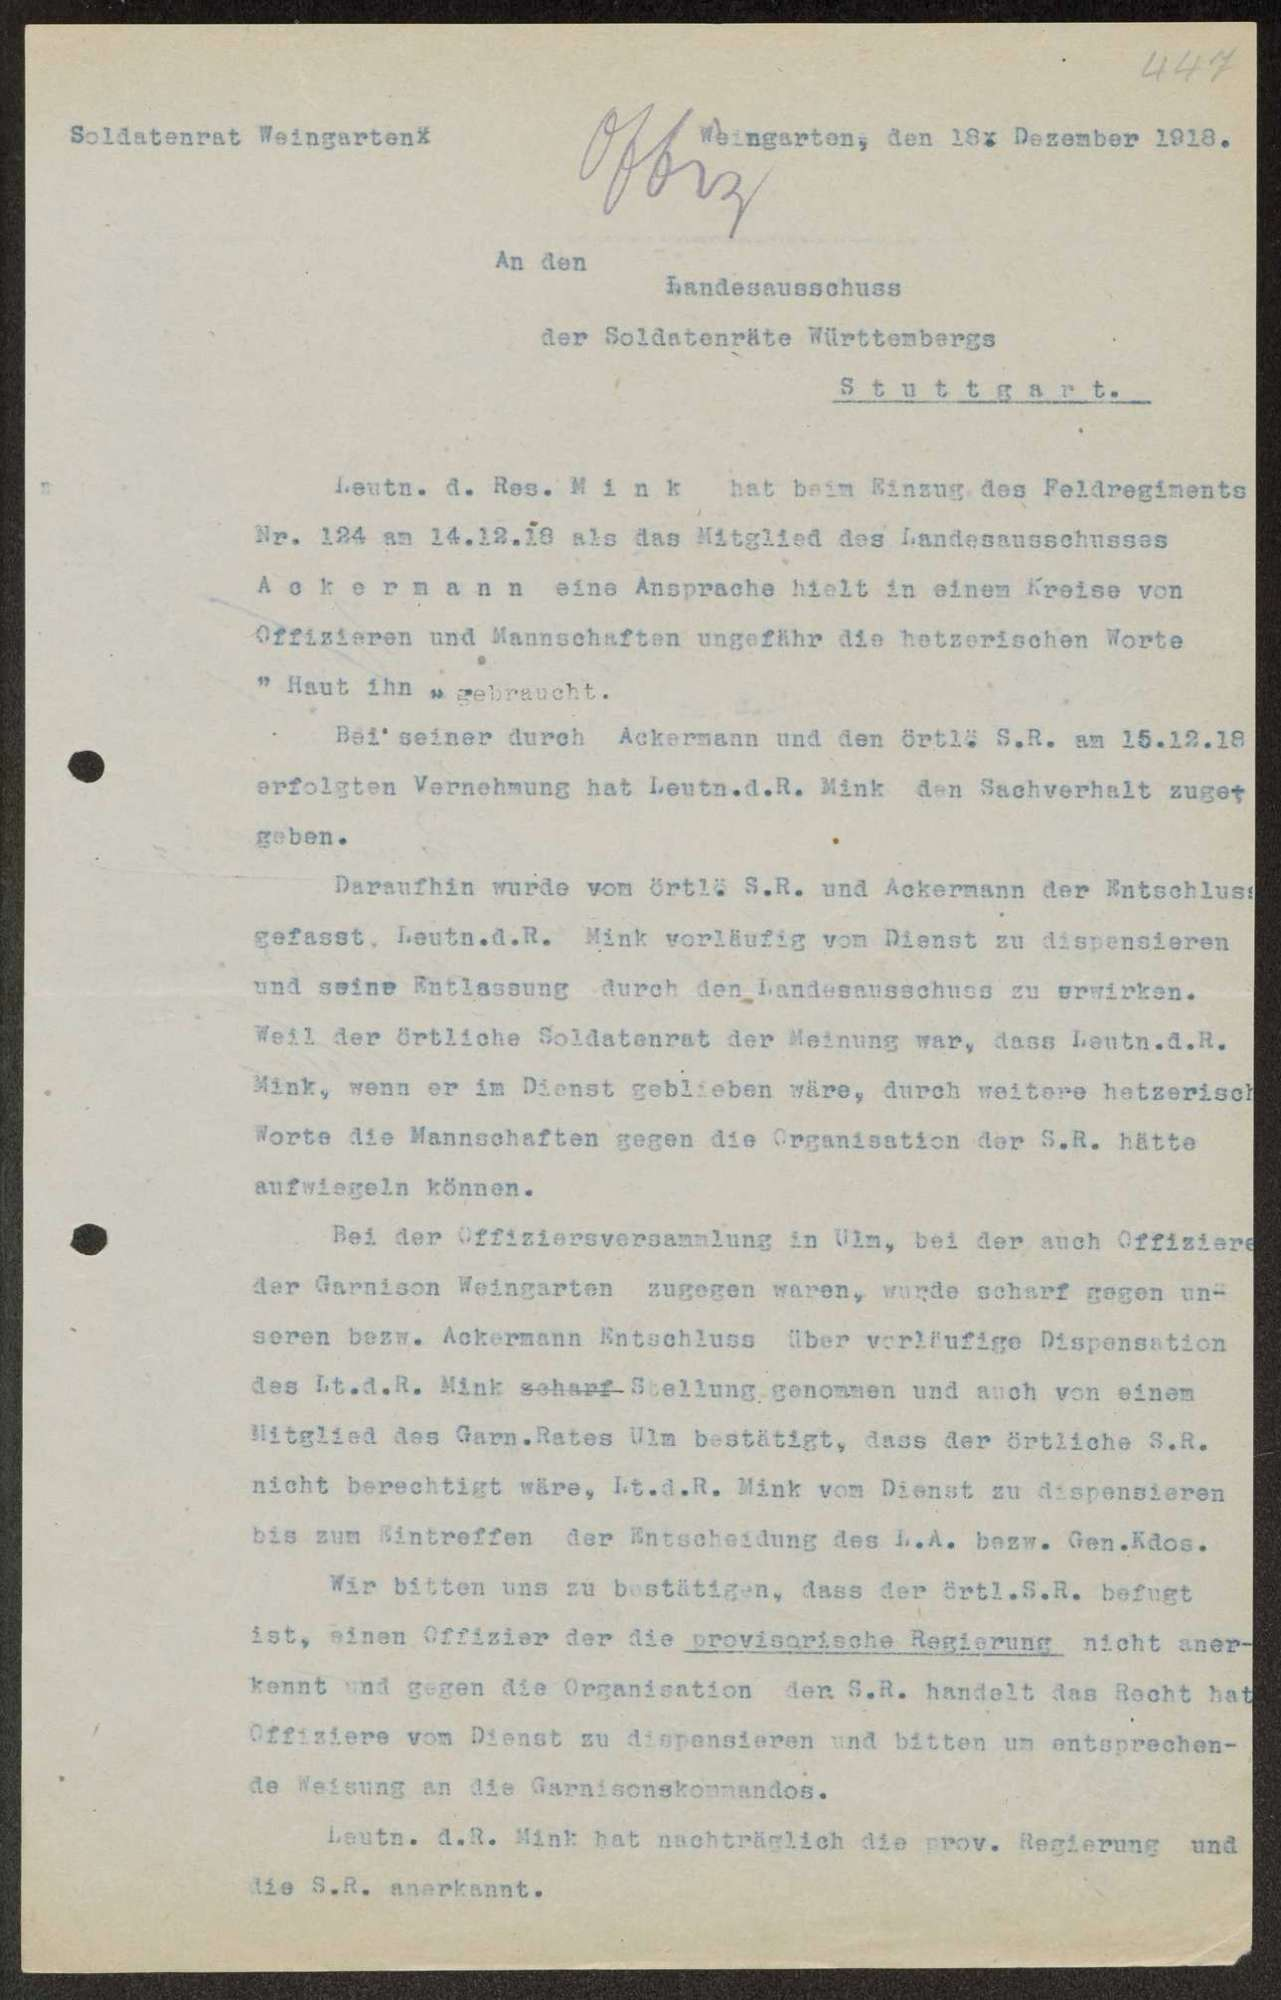 Allgemeine Forderungen des Arbeiter- und Soldatenrats, Kompetenzen der Garnisonräte, Bild 2